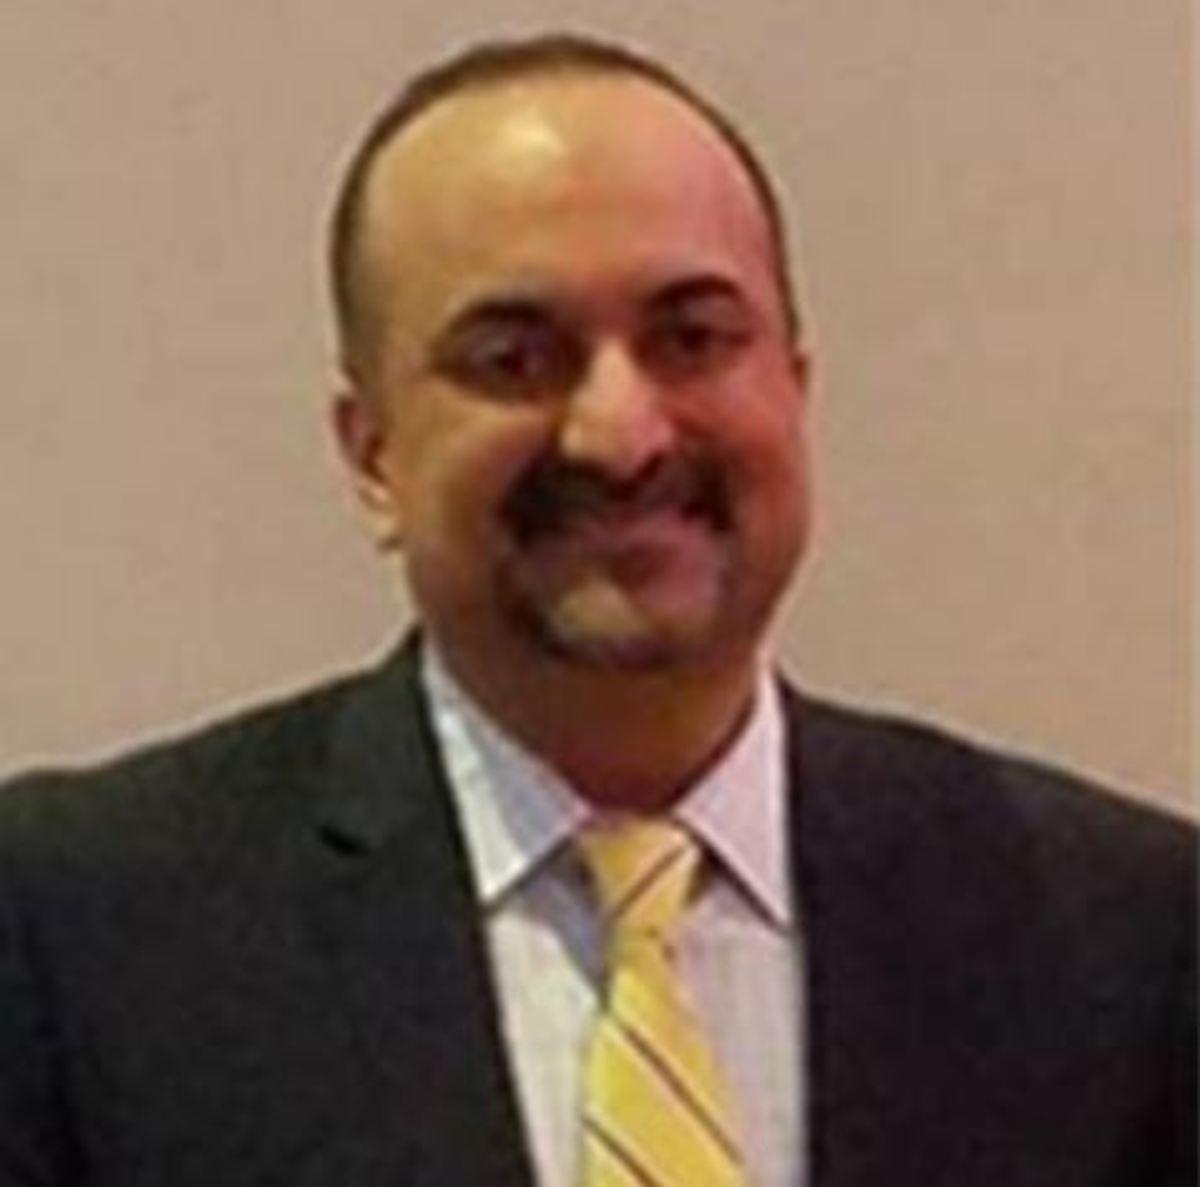 Imran Ali.